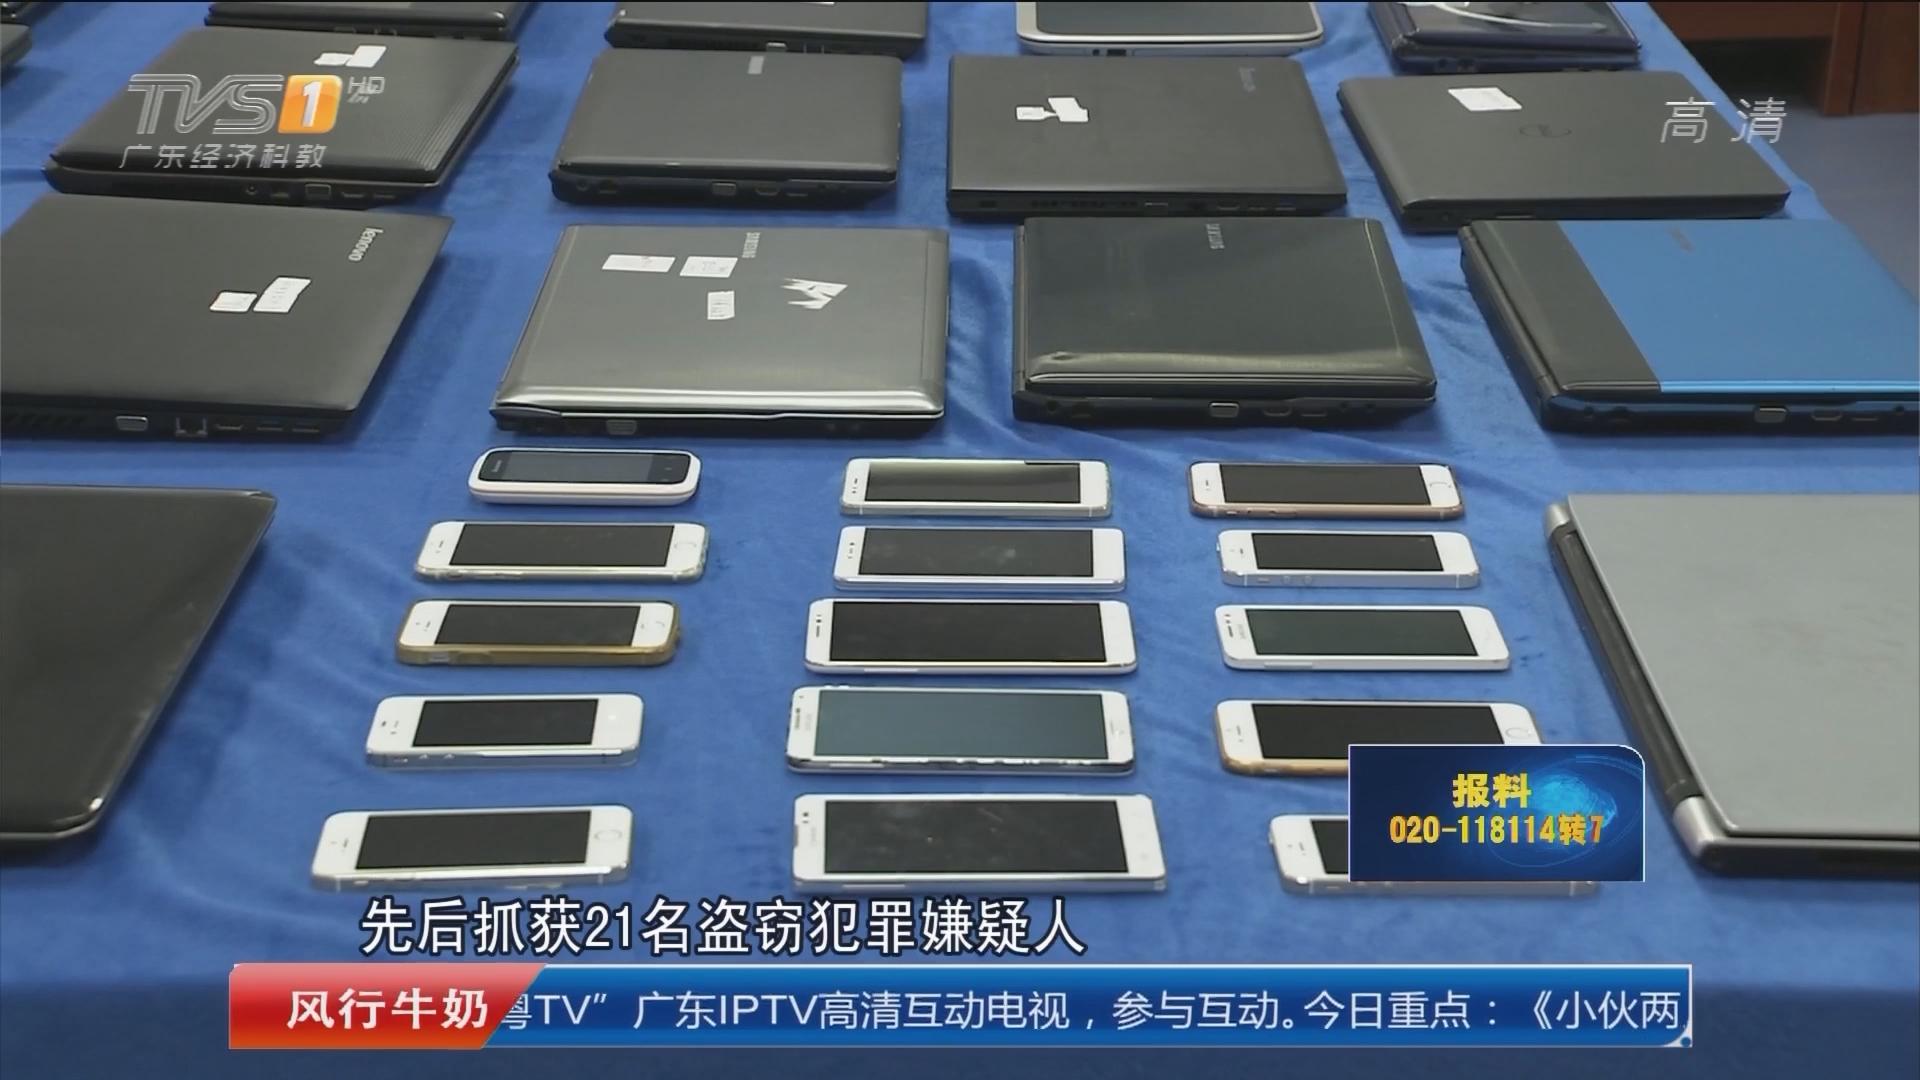 创建平安广东:佛山 大巴上组团盗窃 21人被抓